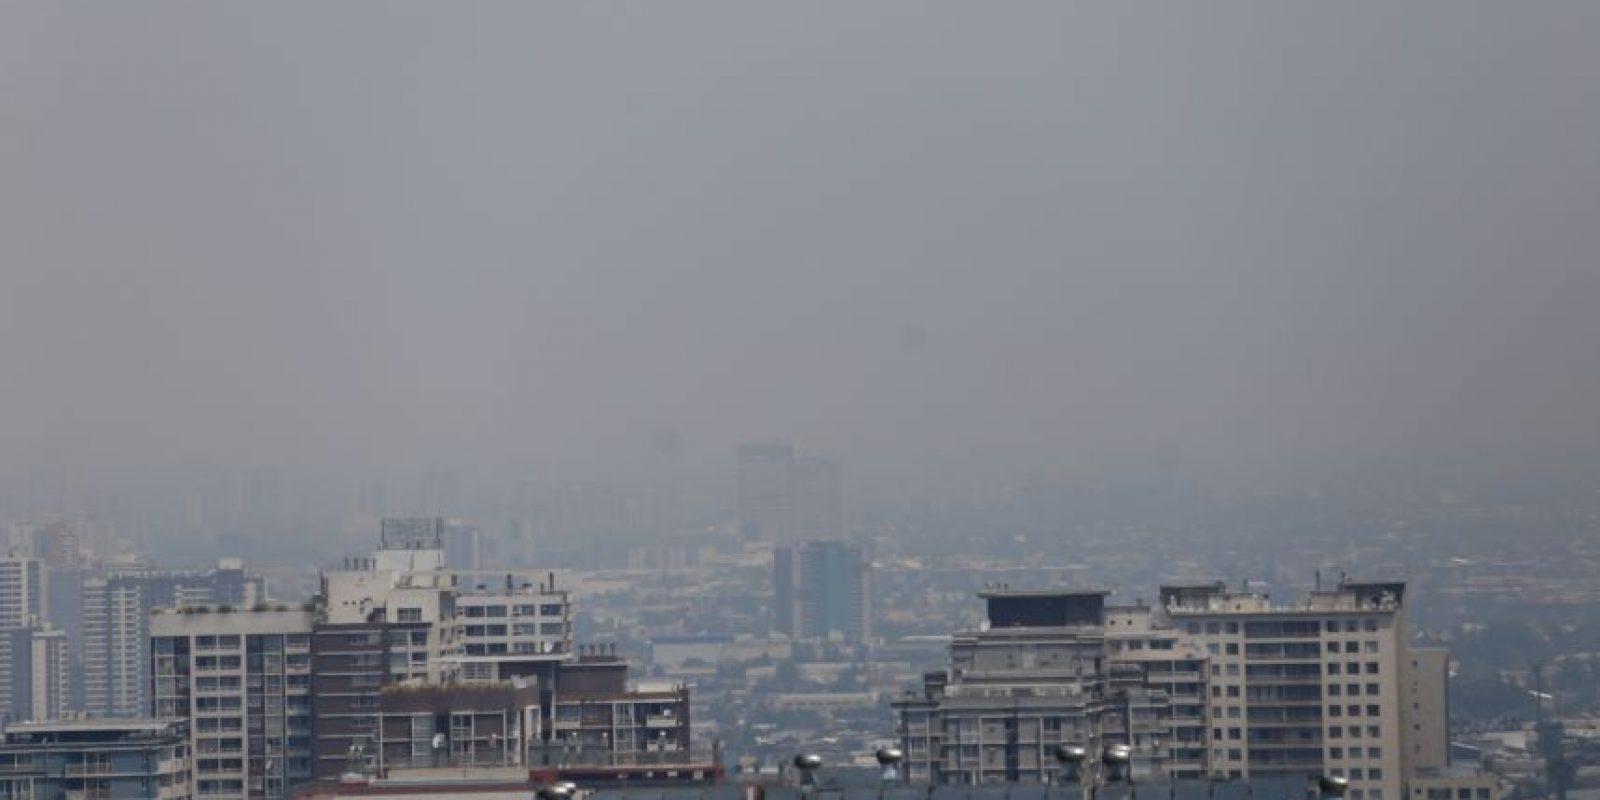 Debido a los incendios forestales que están ocurriendo, se ha poseso percibir el humo en la zona urbana de la Región Metropolitana. La Onemi ha declarado alerta roja. Foto:Agencia Uno. Imagen Por: